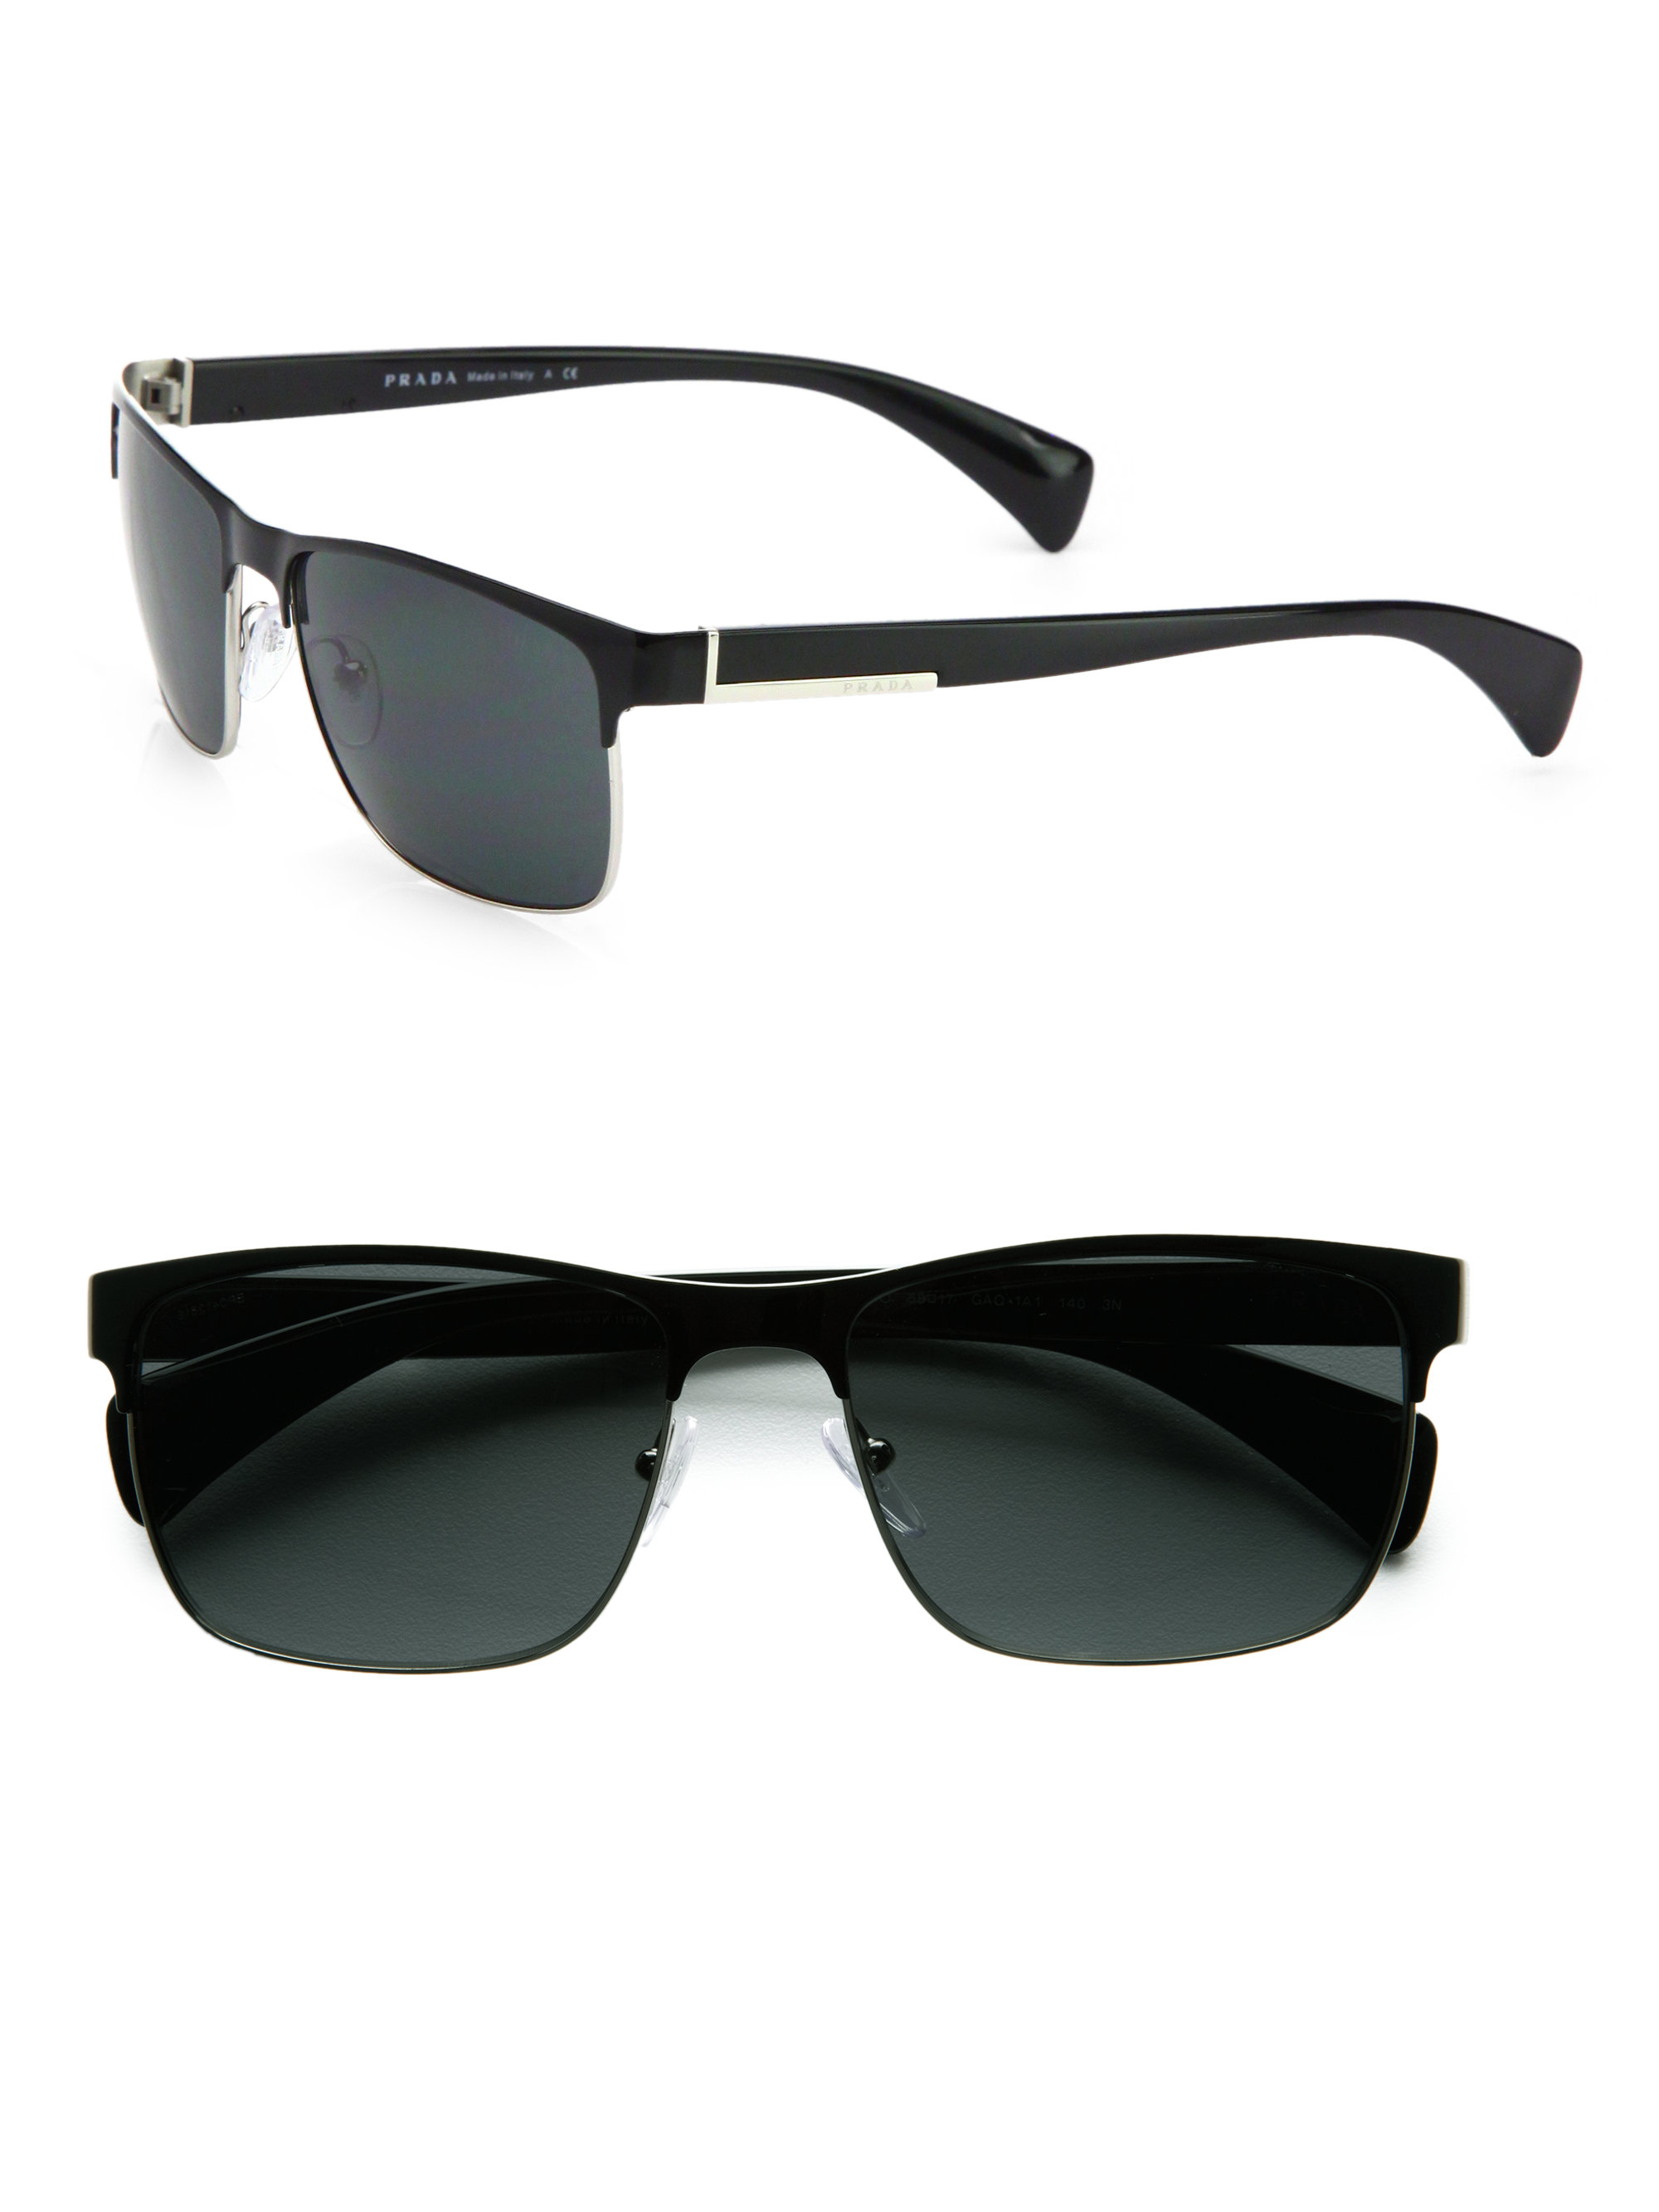 31aafa5c88e ... sweden lyst prada twotone square sunglasses in black for men 49308 f533a